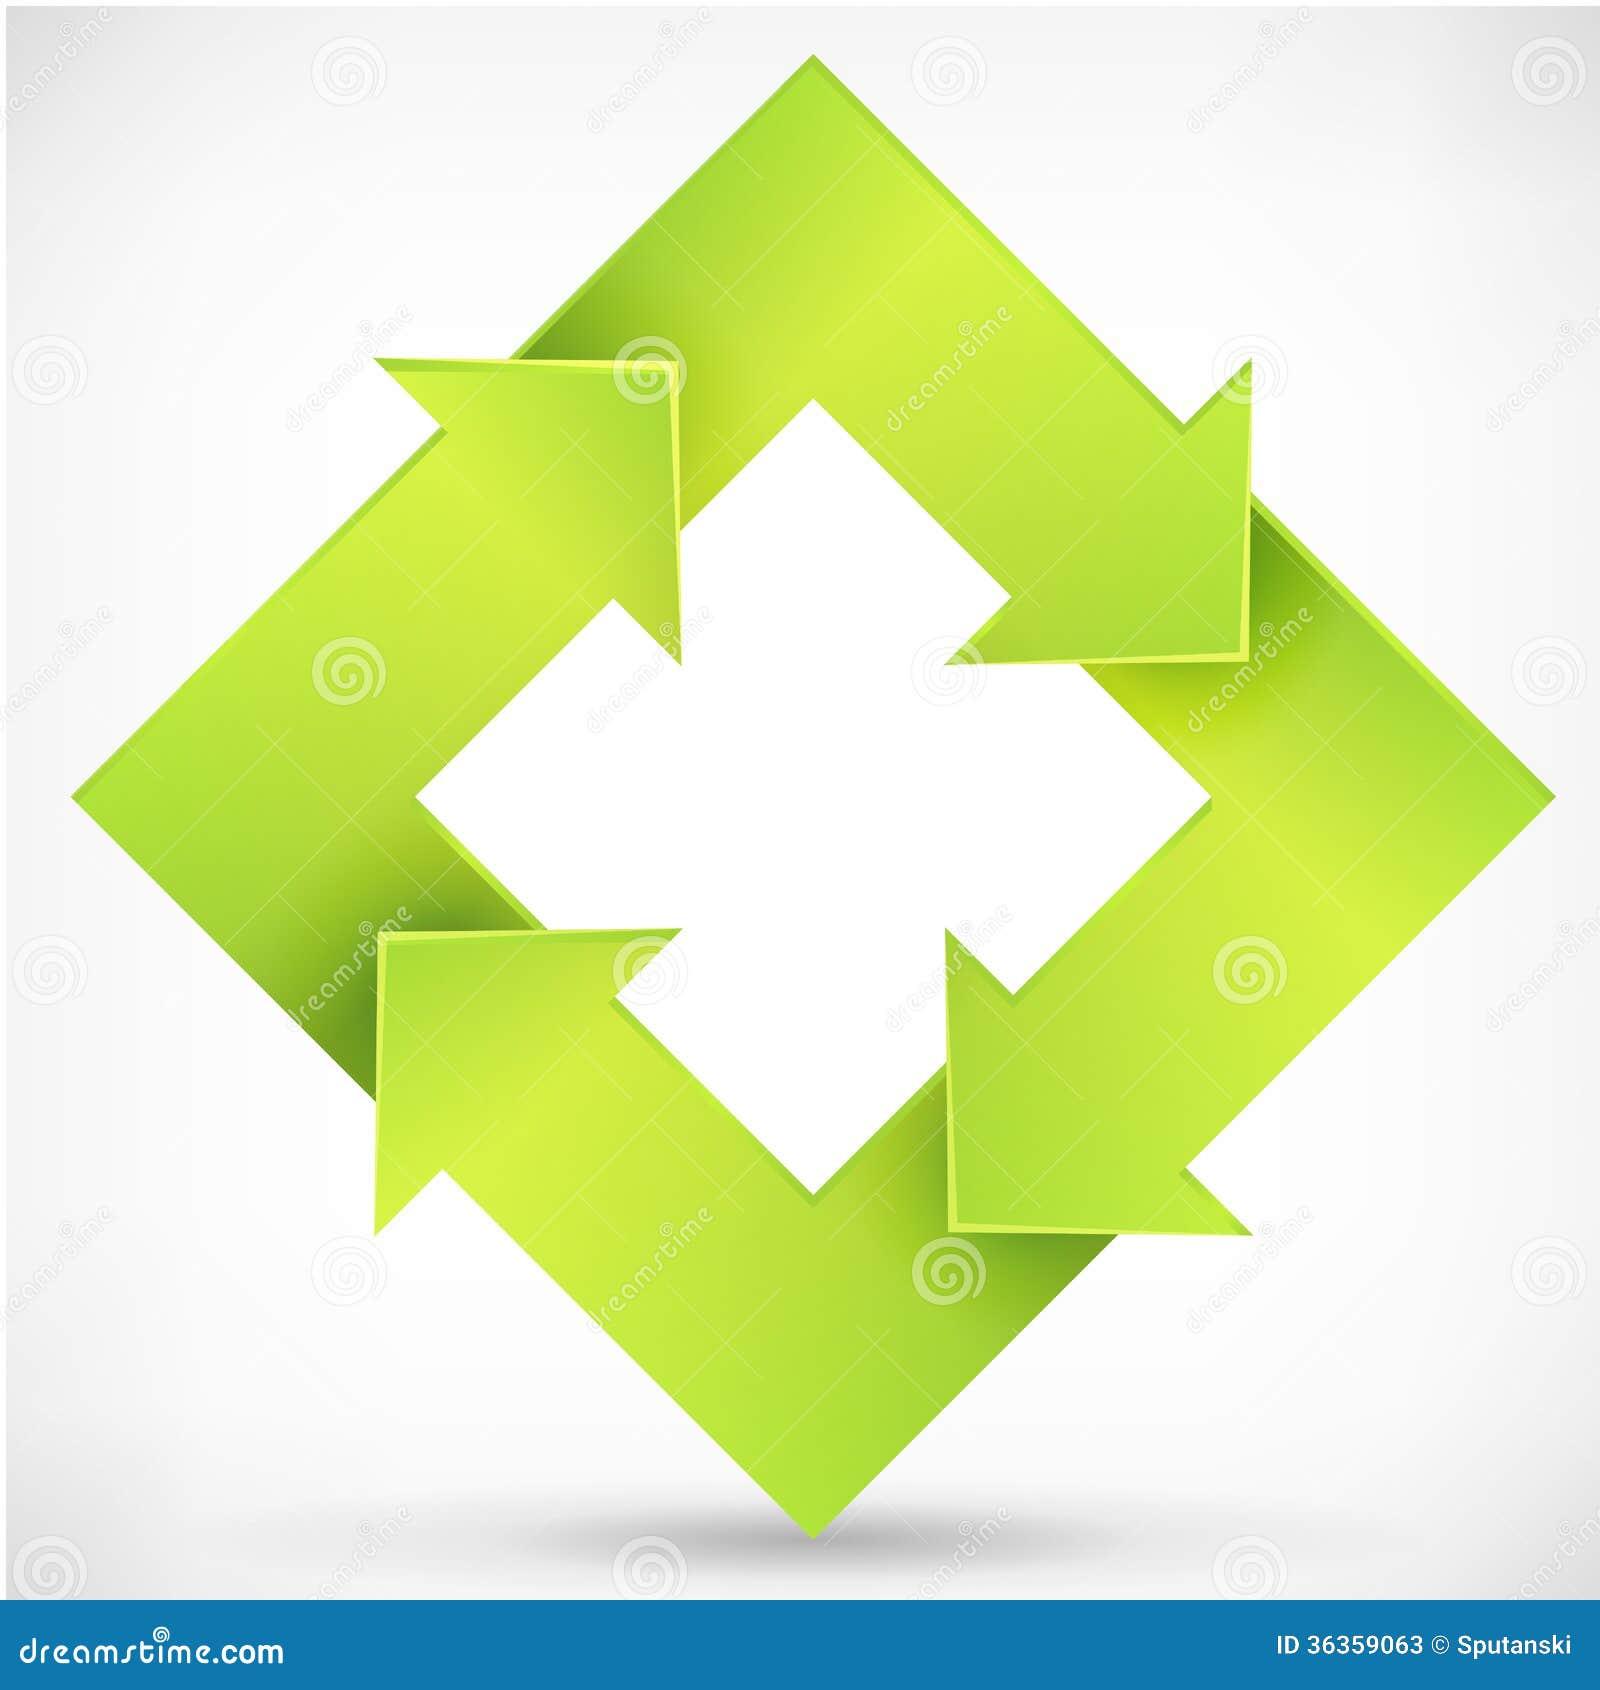 正方形转动箭头绿色商标模板